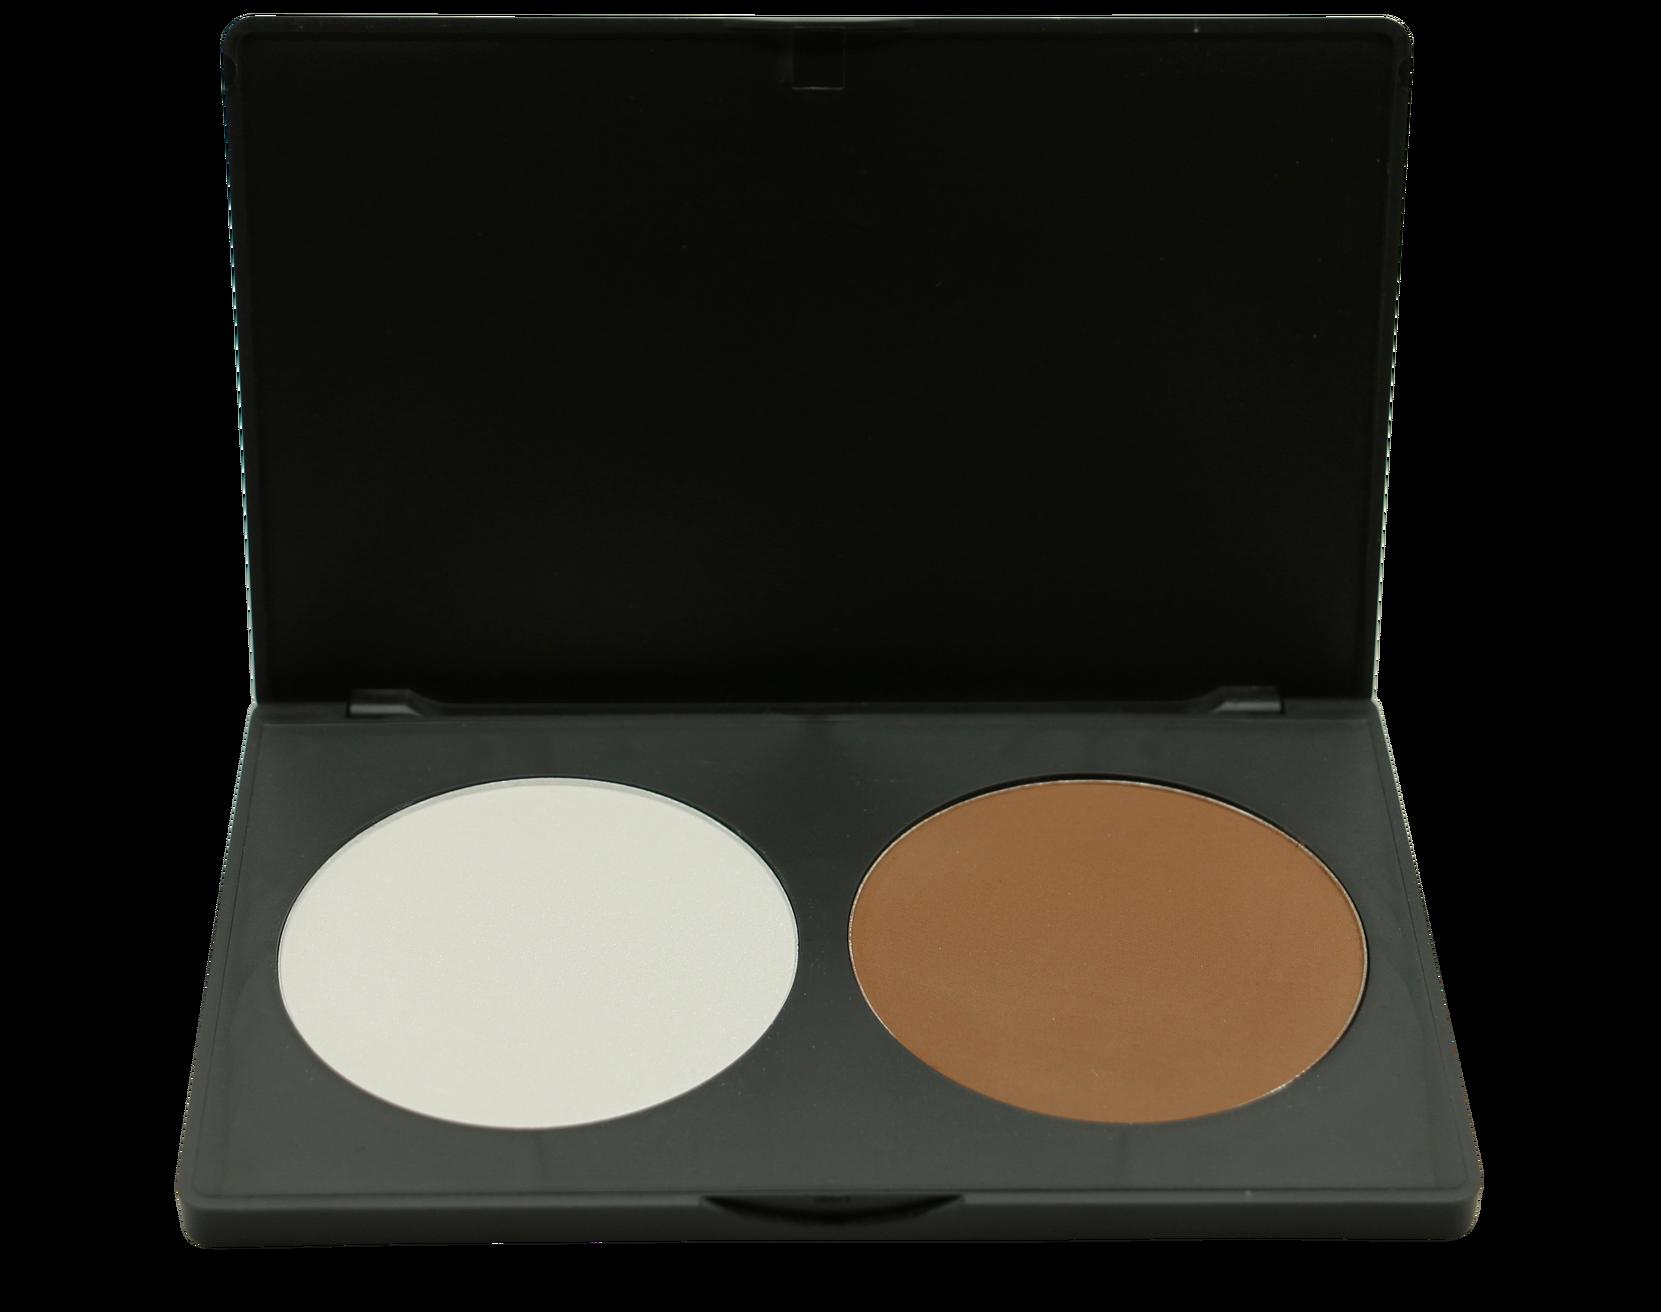 2 Color Contour Powder, 28 g